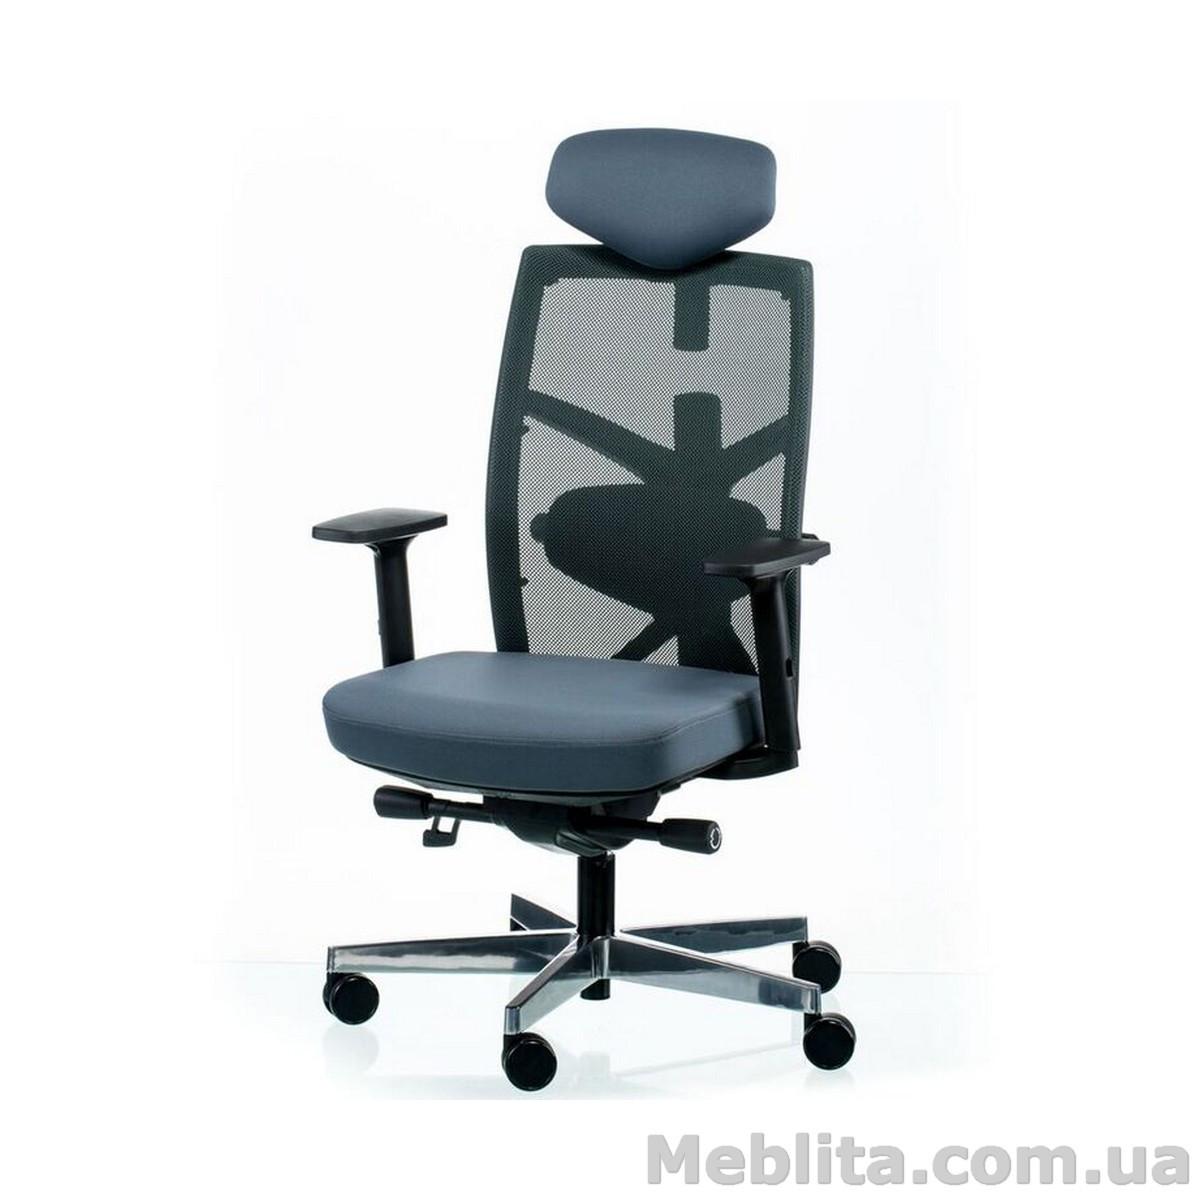 Кресло офисное TUNE SLATEGREY/BLACK Special4You